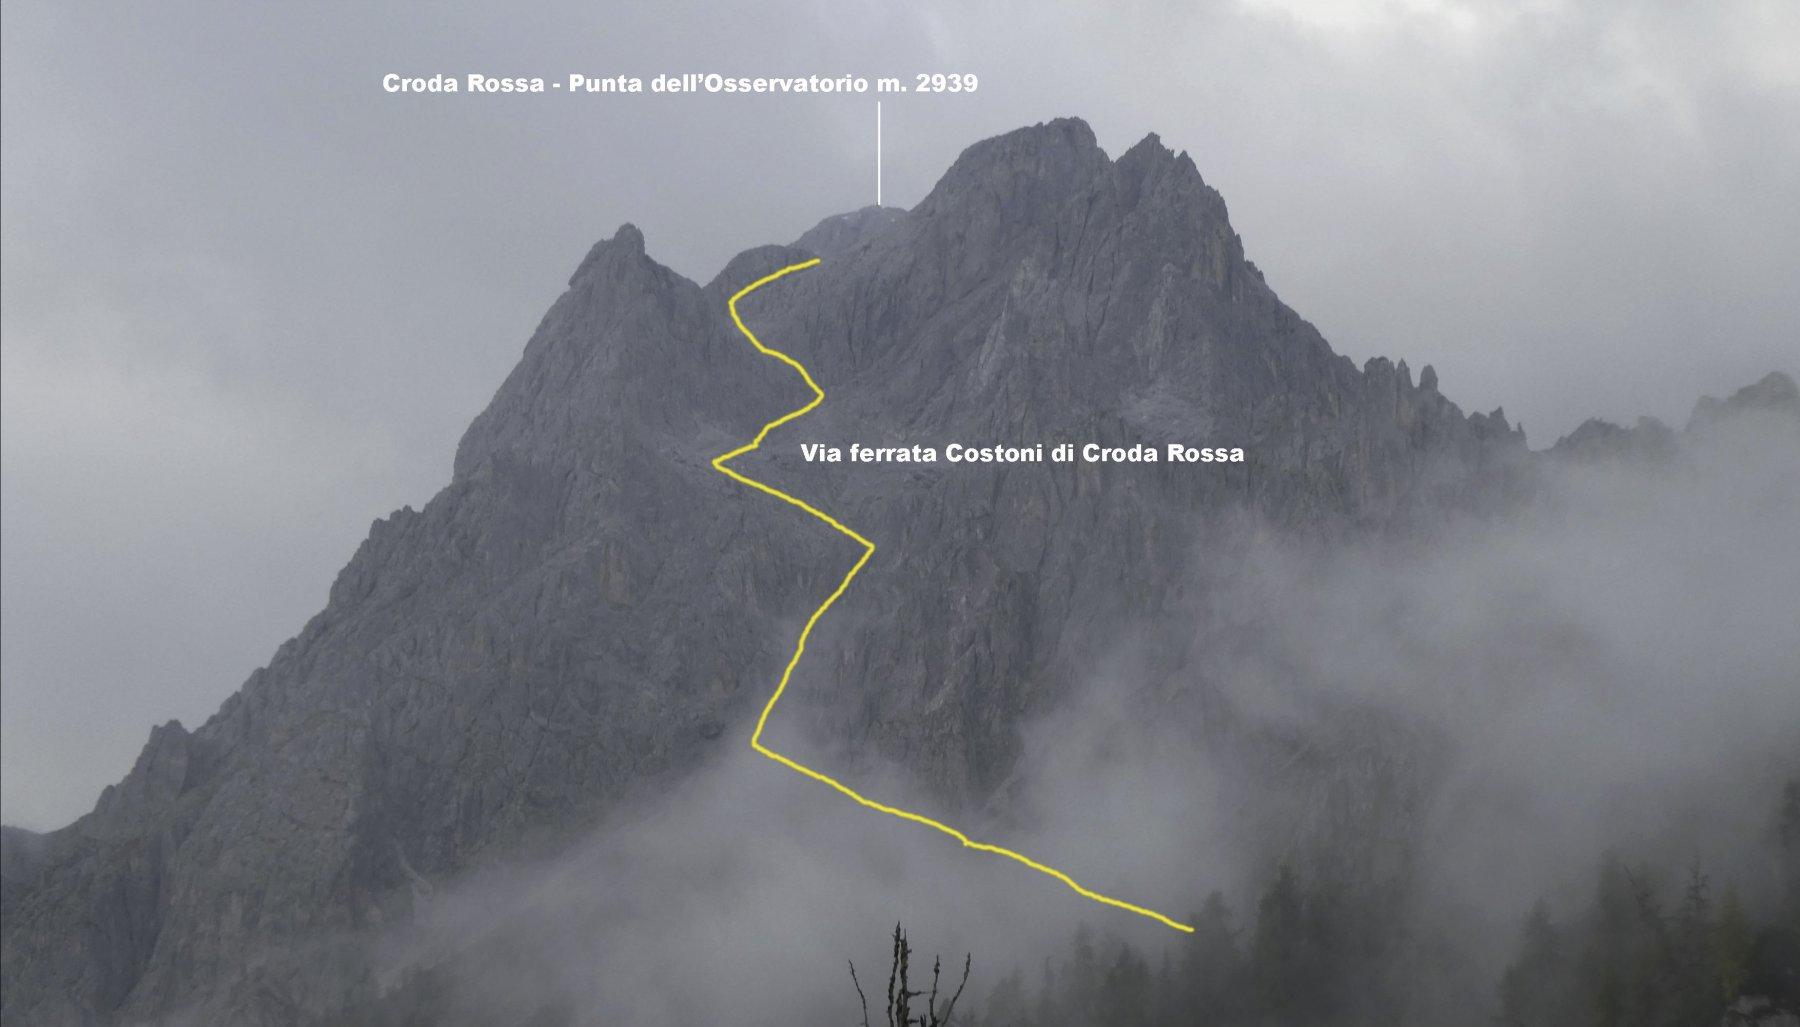 la parte alta dell'itinerario di salita per la cima